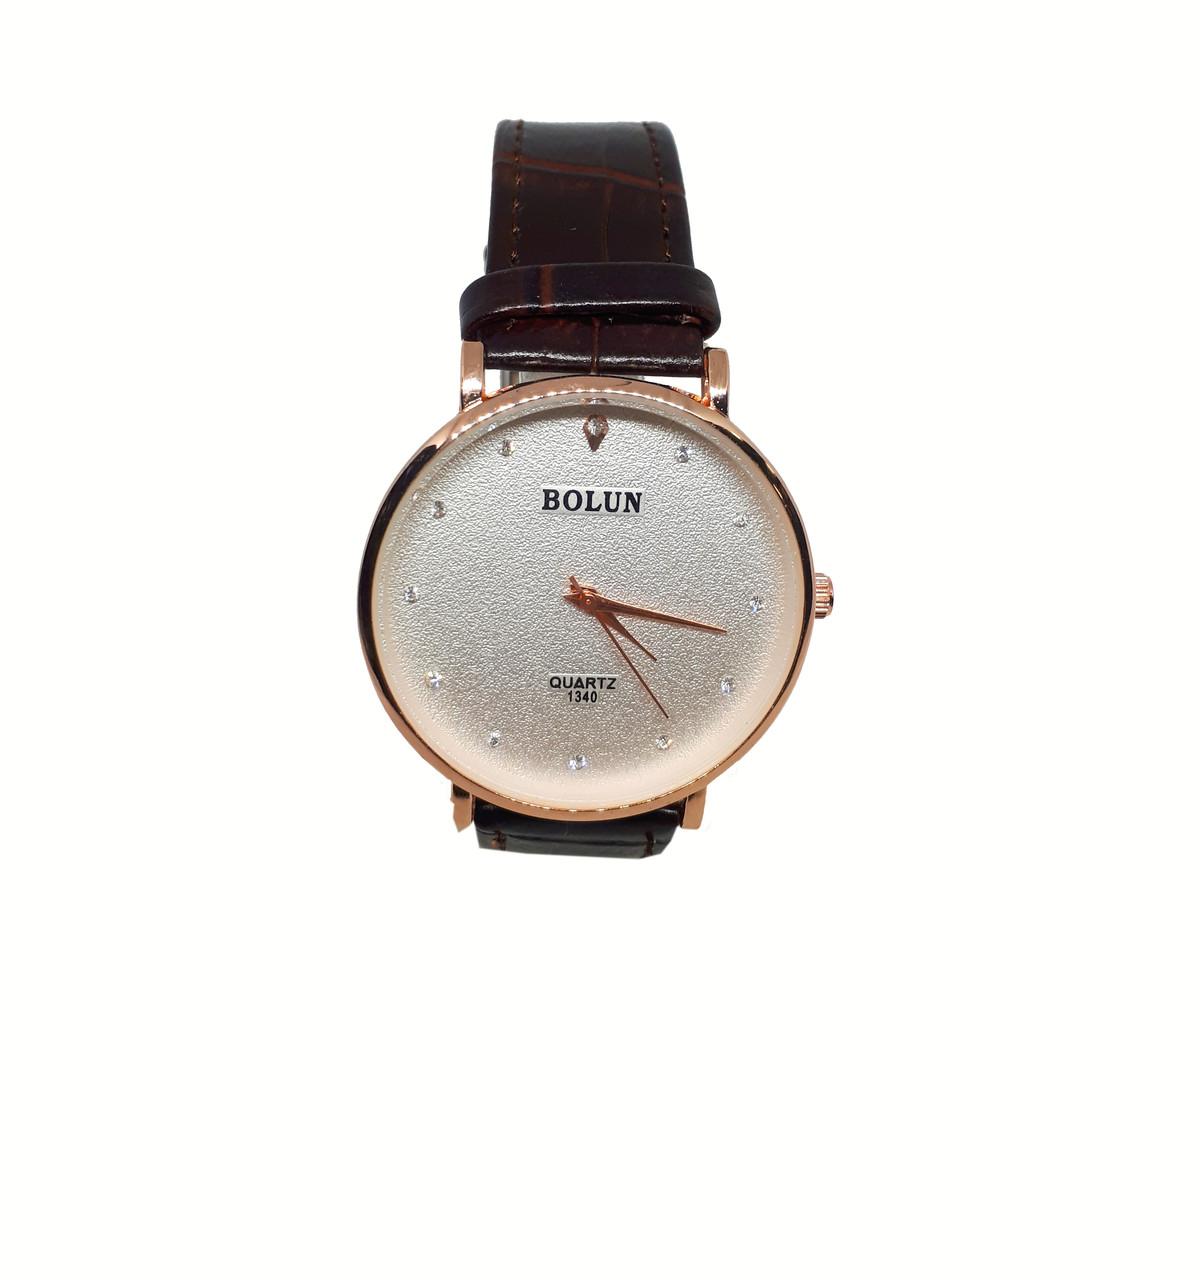 Мужские часы Bolun 1340 Коричневый